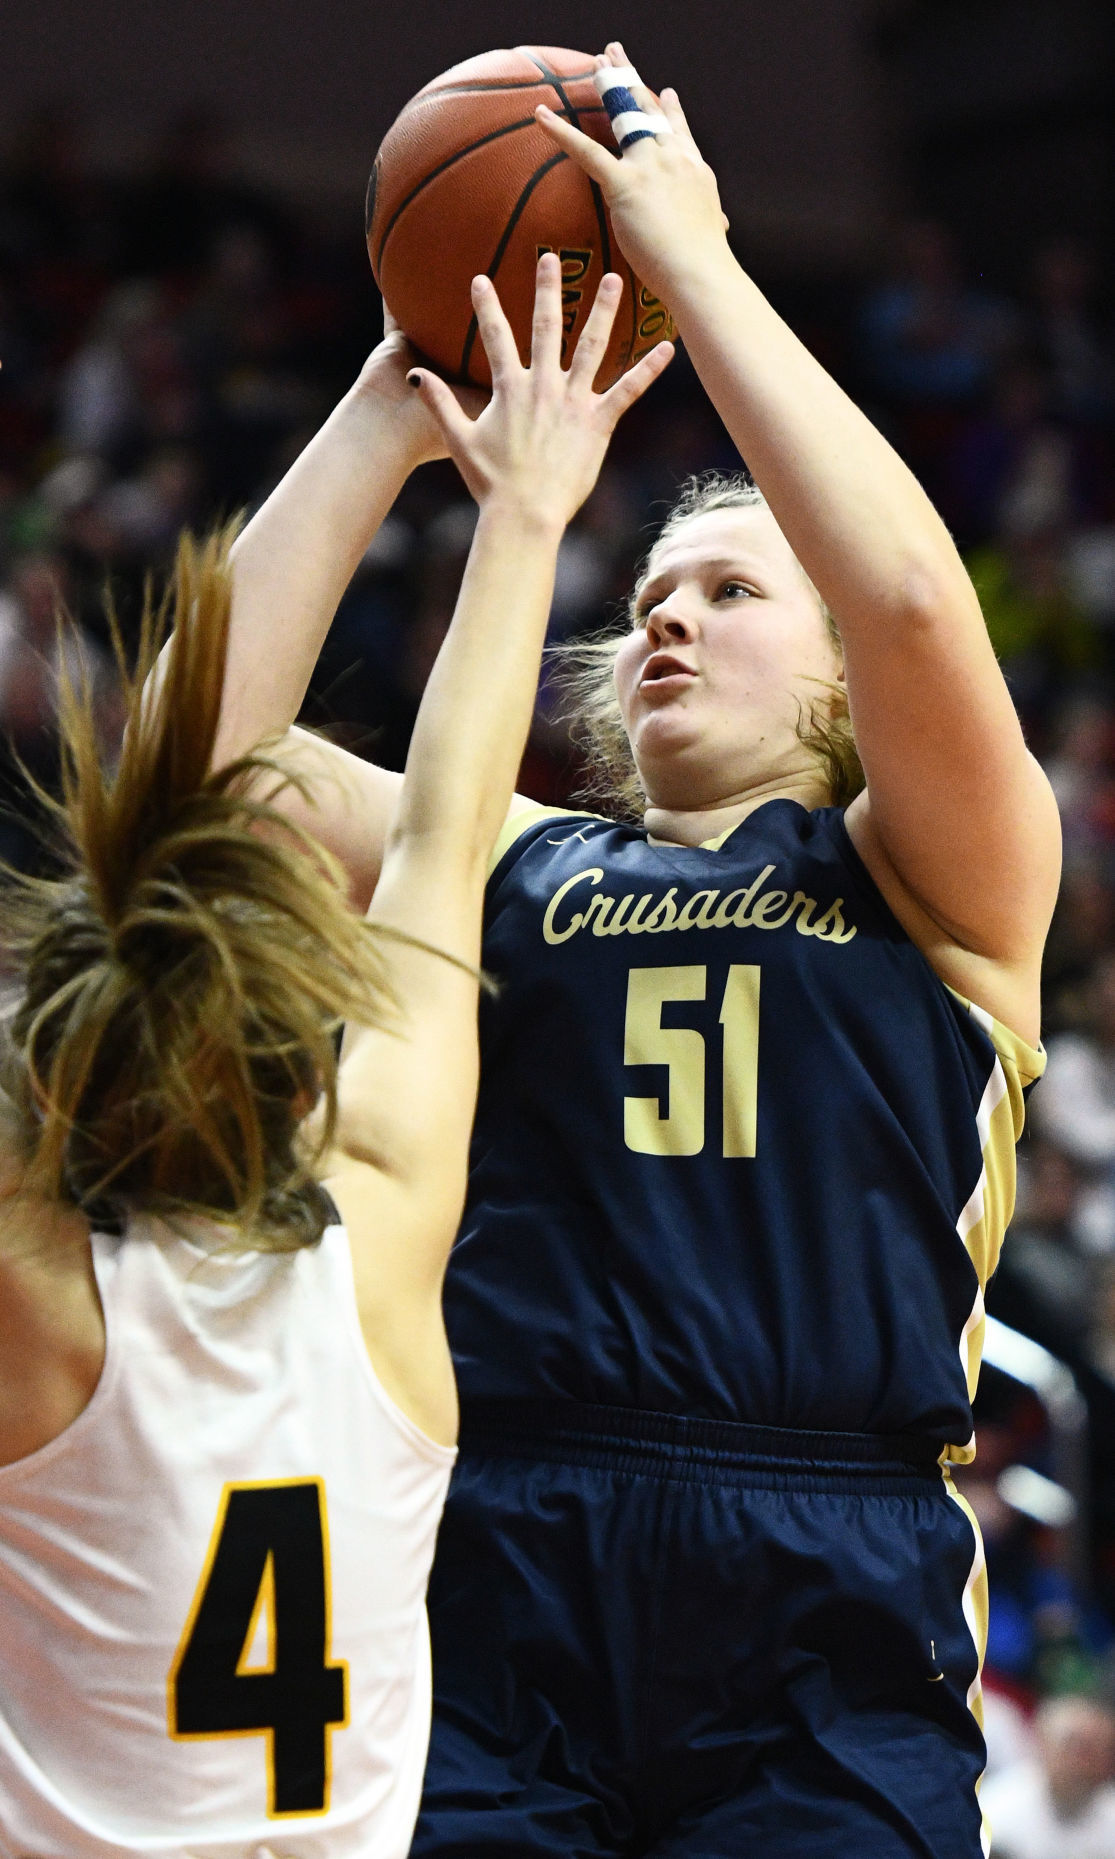 Heelan vs Clear Lake state basketball